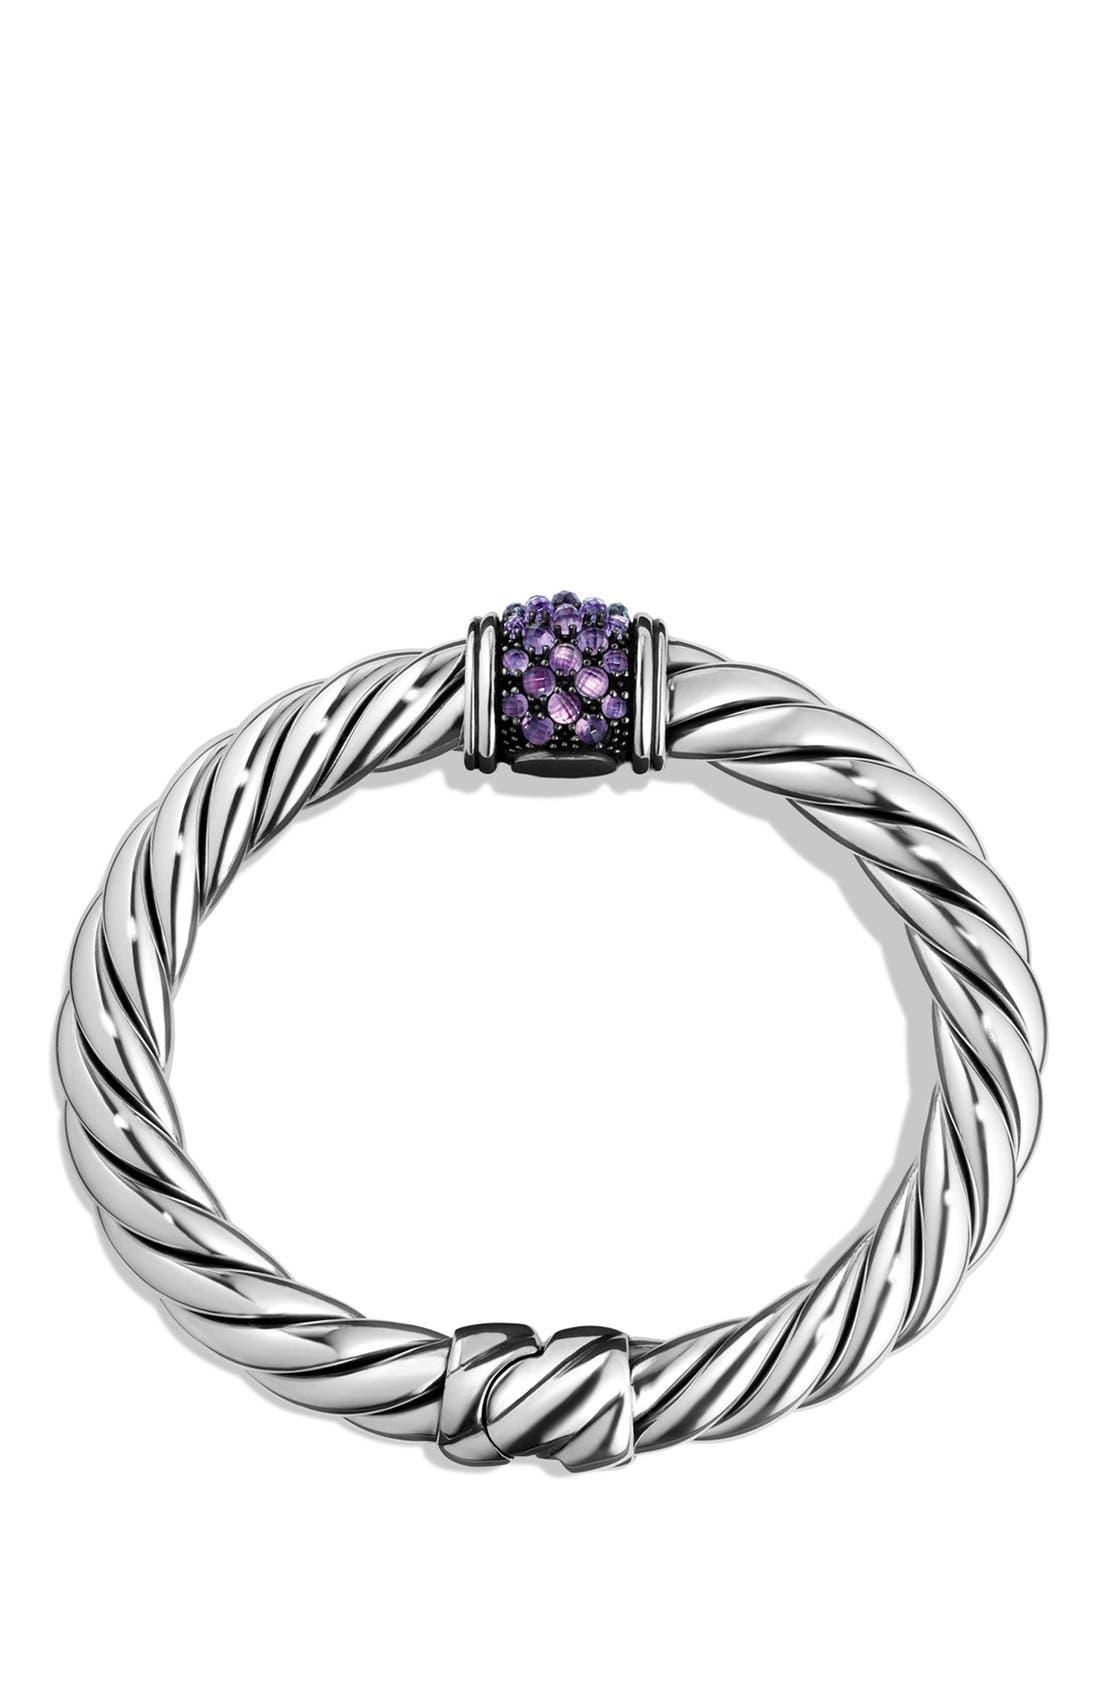 Alternate Image 2  - David Yurman 'Osetra' Bracelet with Semiprecious Stone